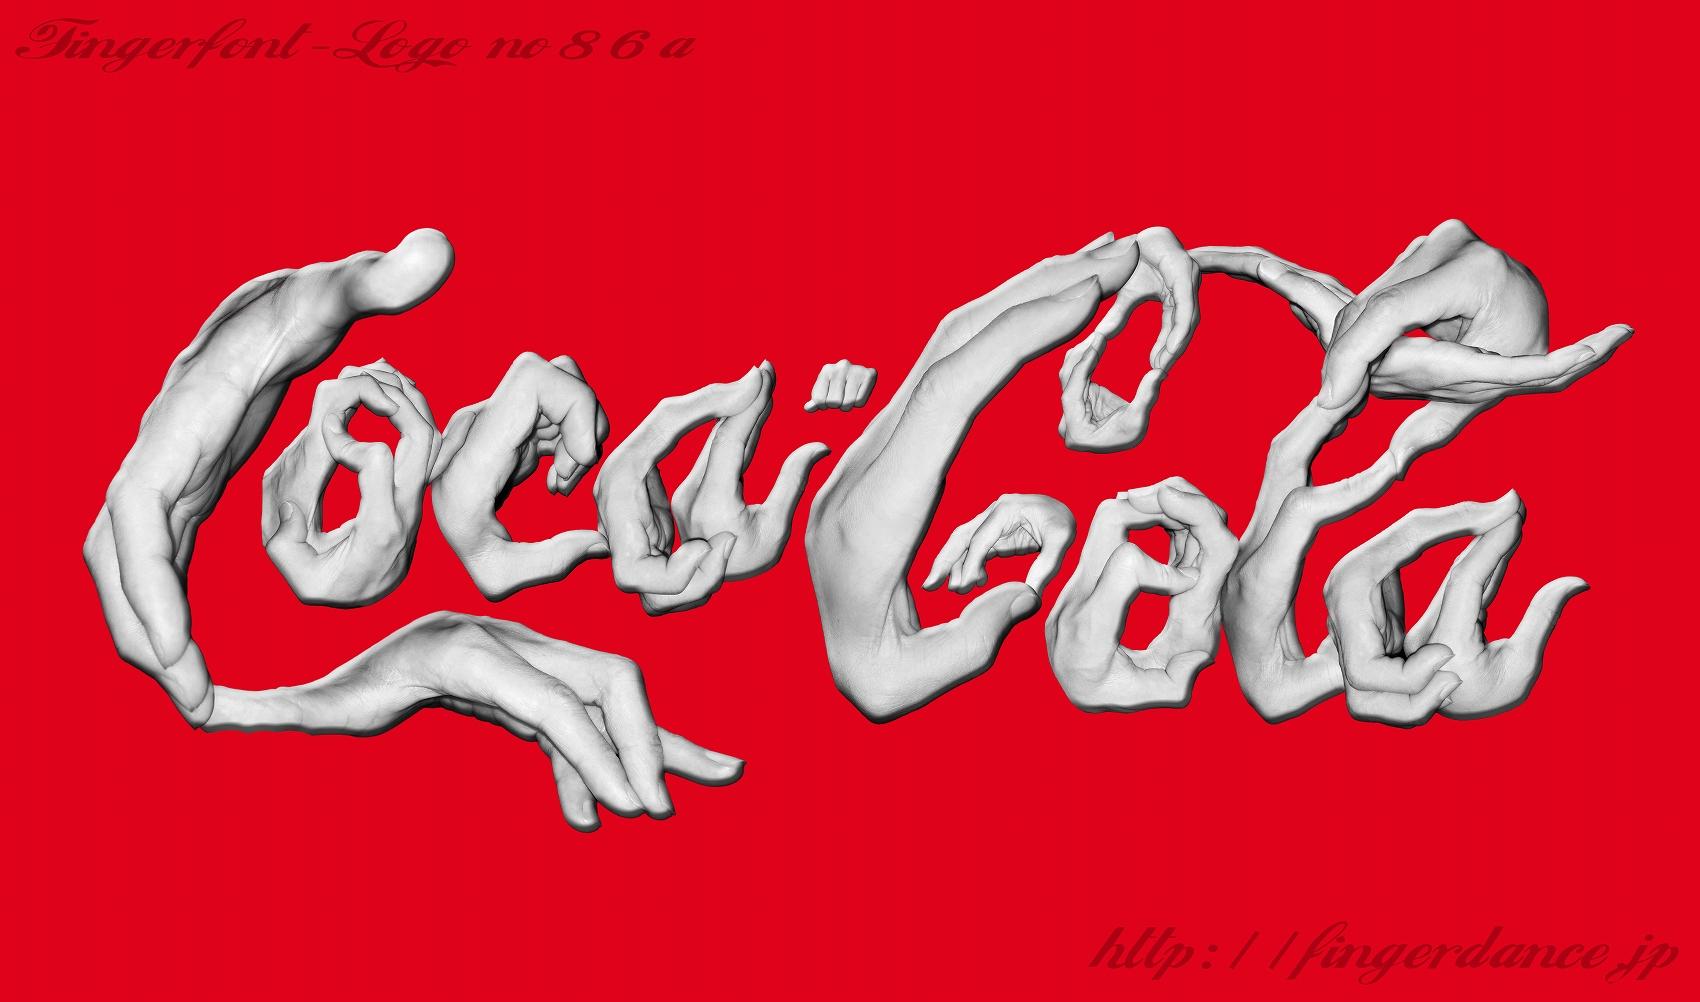 CocaCola-fingerlogohand コカコーラ・フィンガーロゴハンド手指